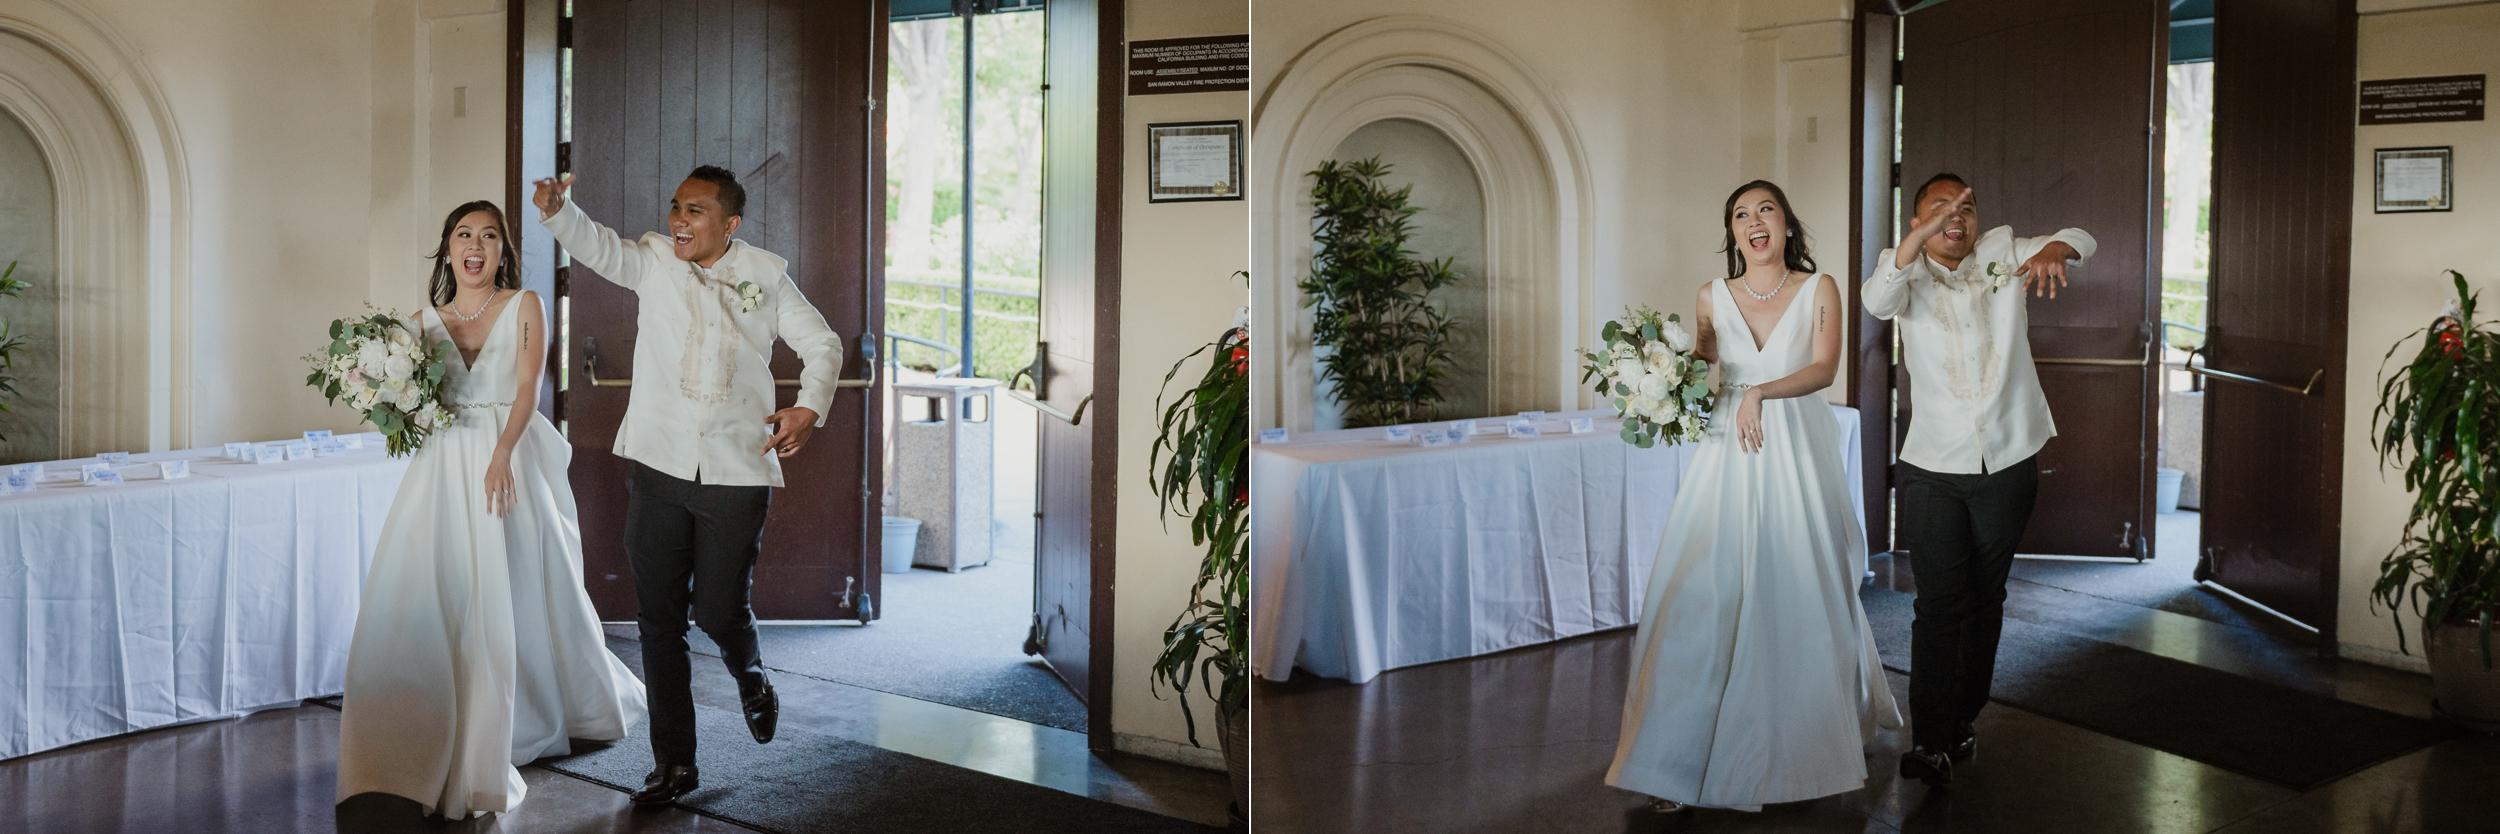 40-bridges-golf-club-wedding-vivianchen-467_WEB.jpg